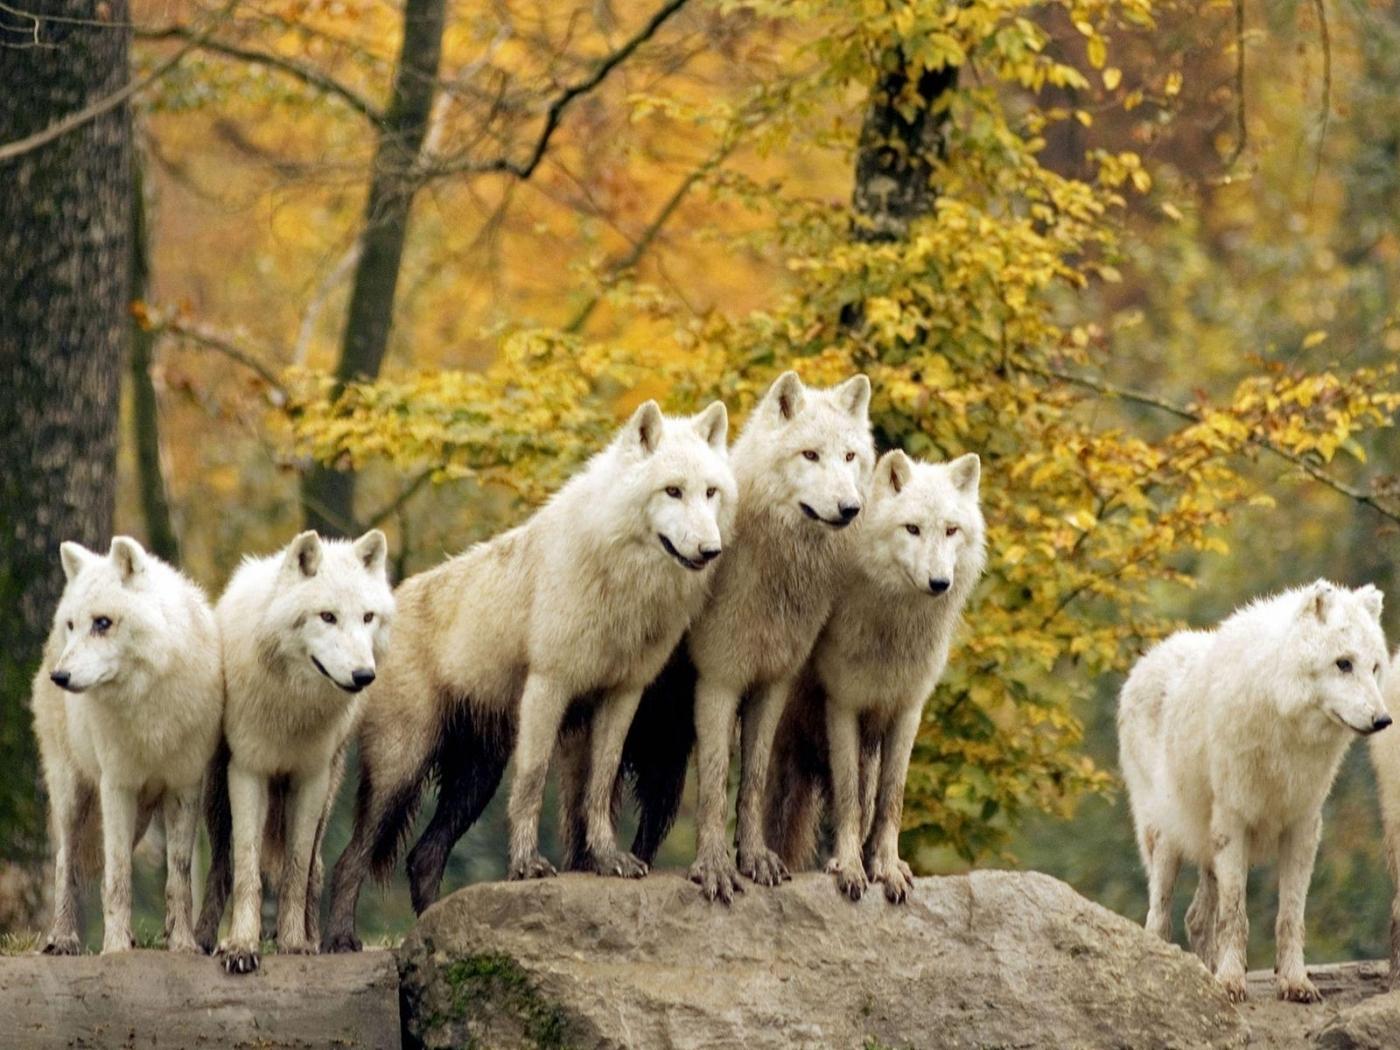 48804 économiseurs d'écran et fonds d'écran Loups sur votre téléphone. Téléchargez Loups, Animaux images gratuitement